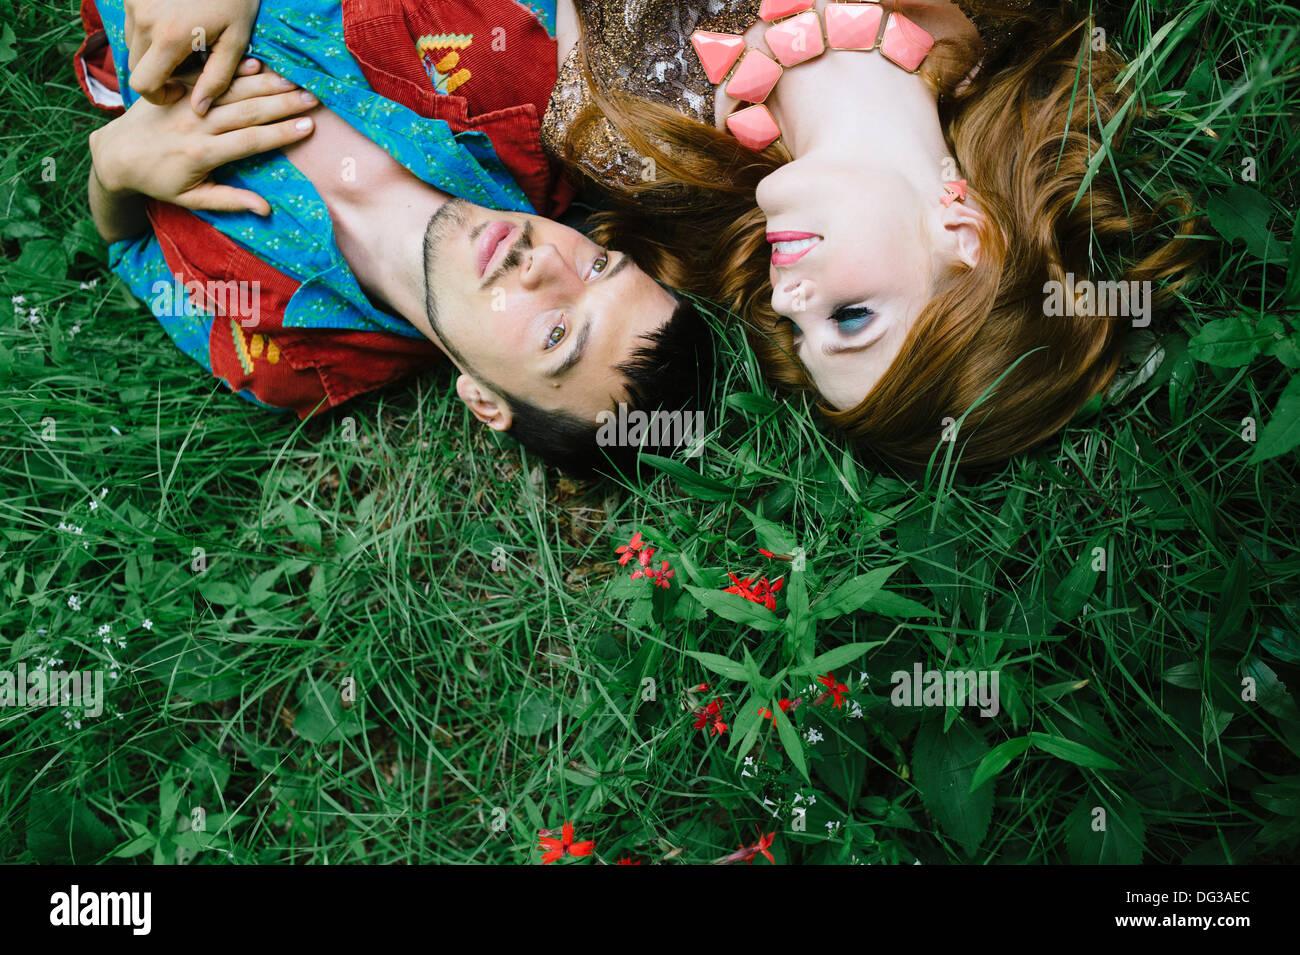 Par sentando en el campo de hierba, de cerca, un alto ángulo de visualización Imagen De Stock